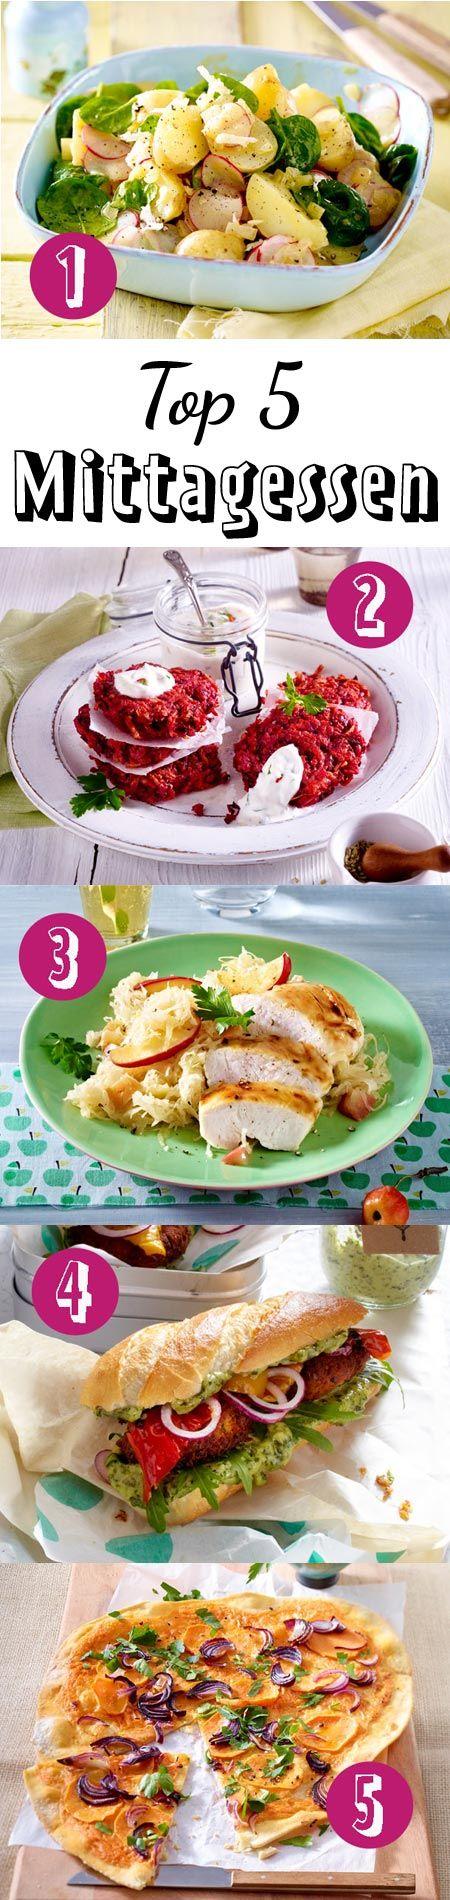 110 besten Schnelle Küche Bilder auf Pinterest | Brunch, Fleisch und ...